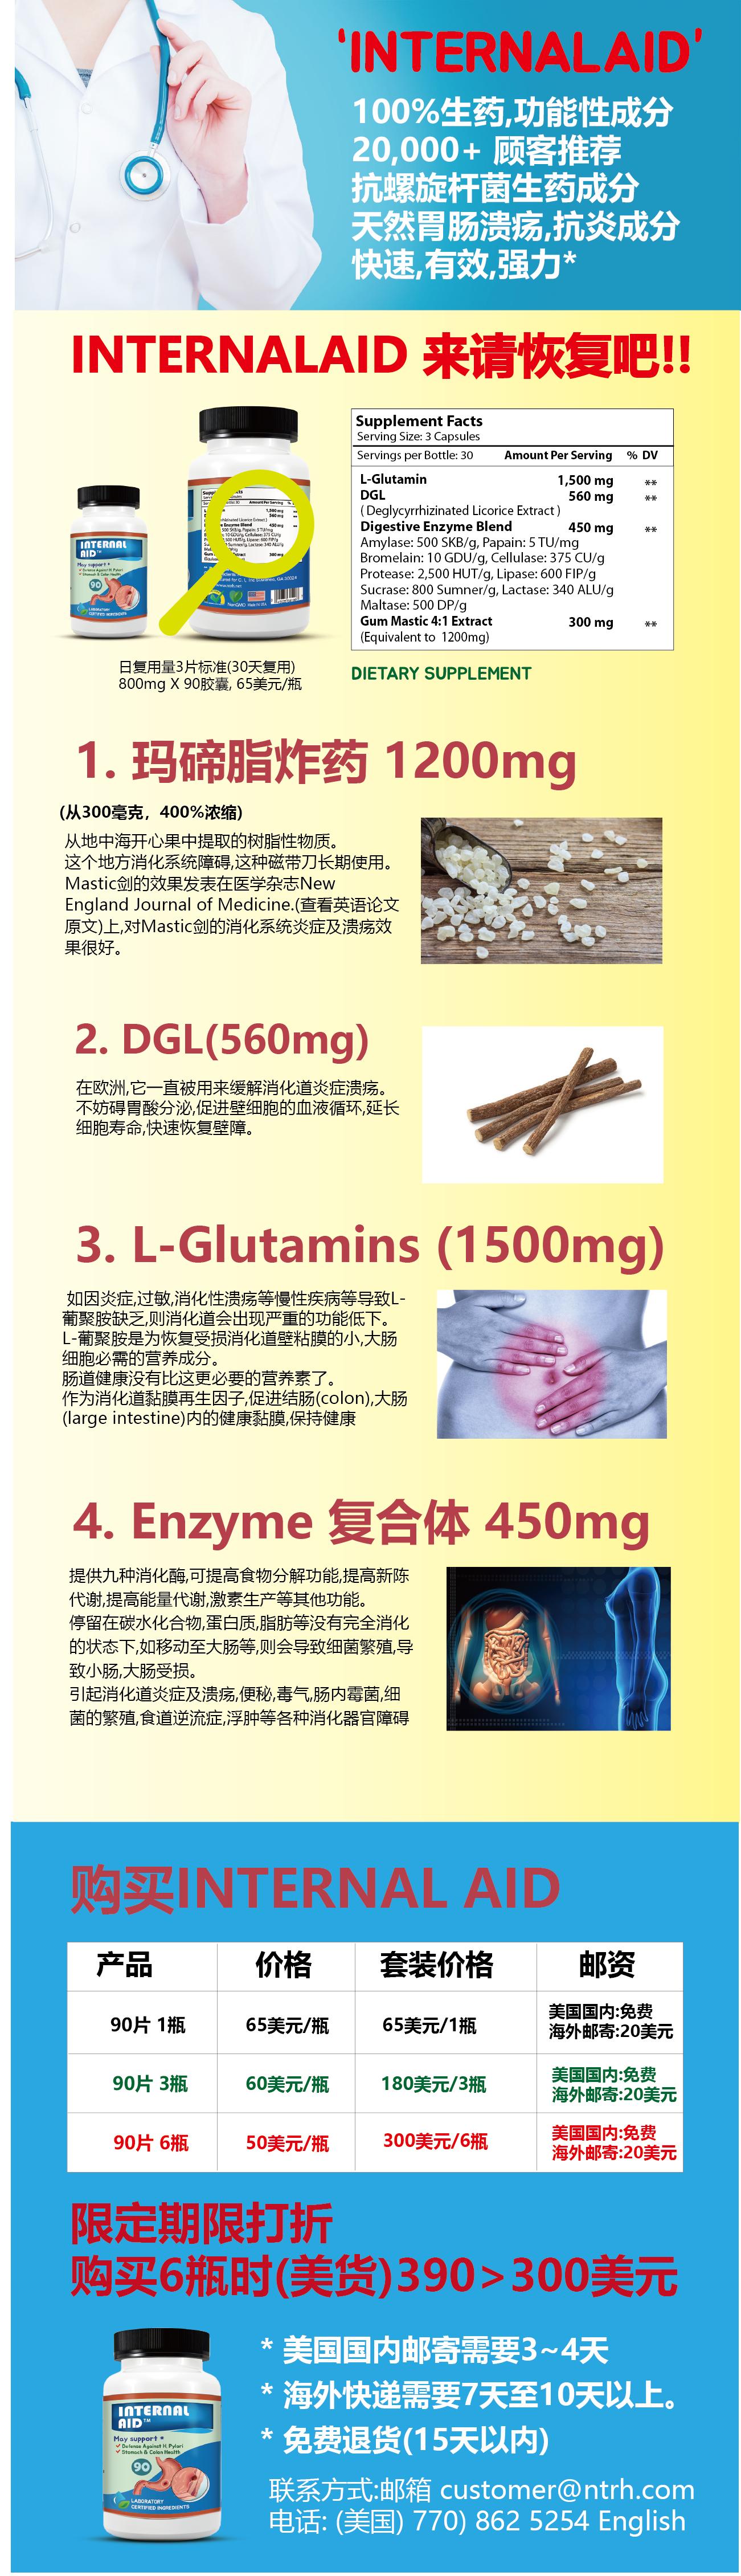 Internalaid 4 ingredients   CN.png